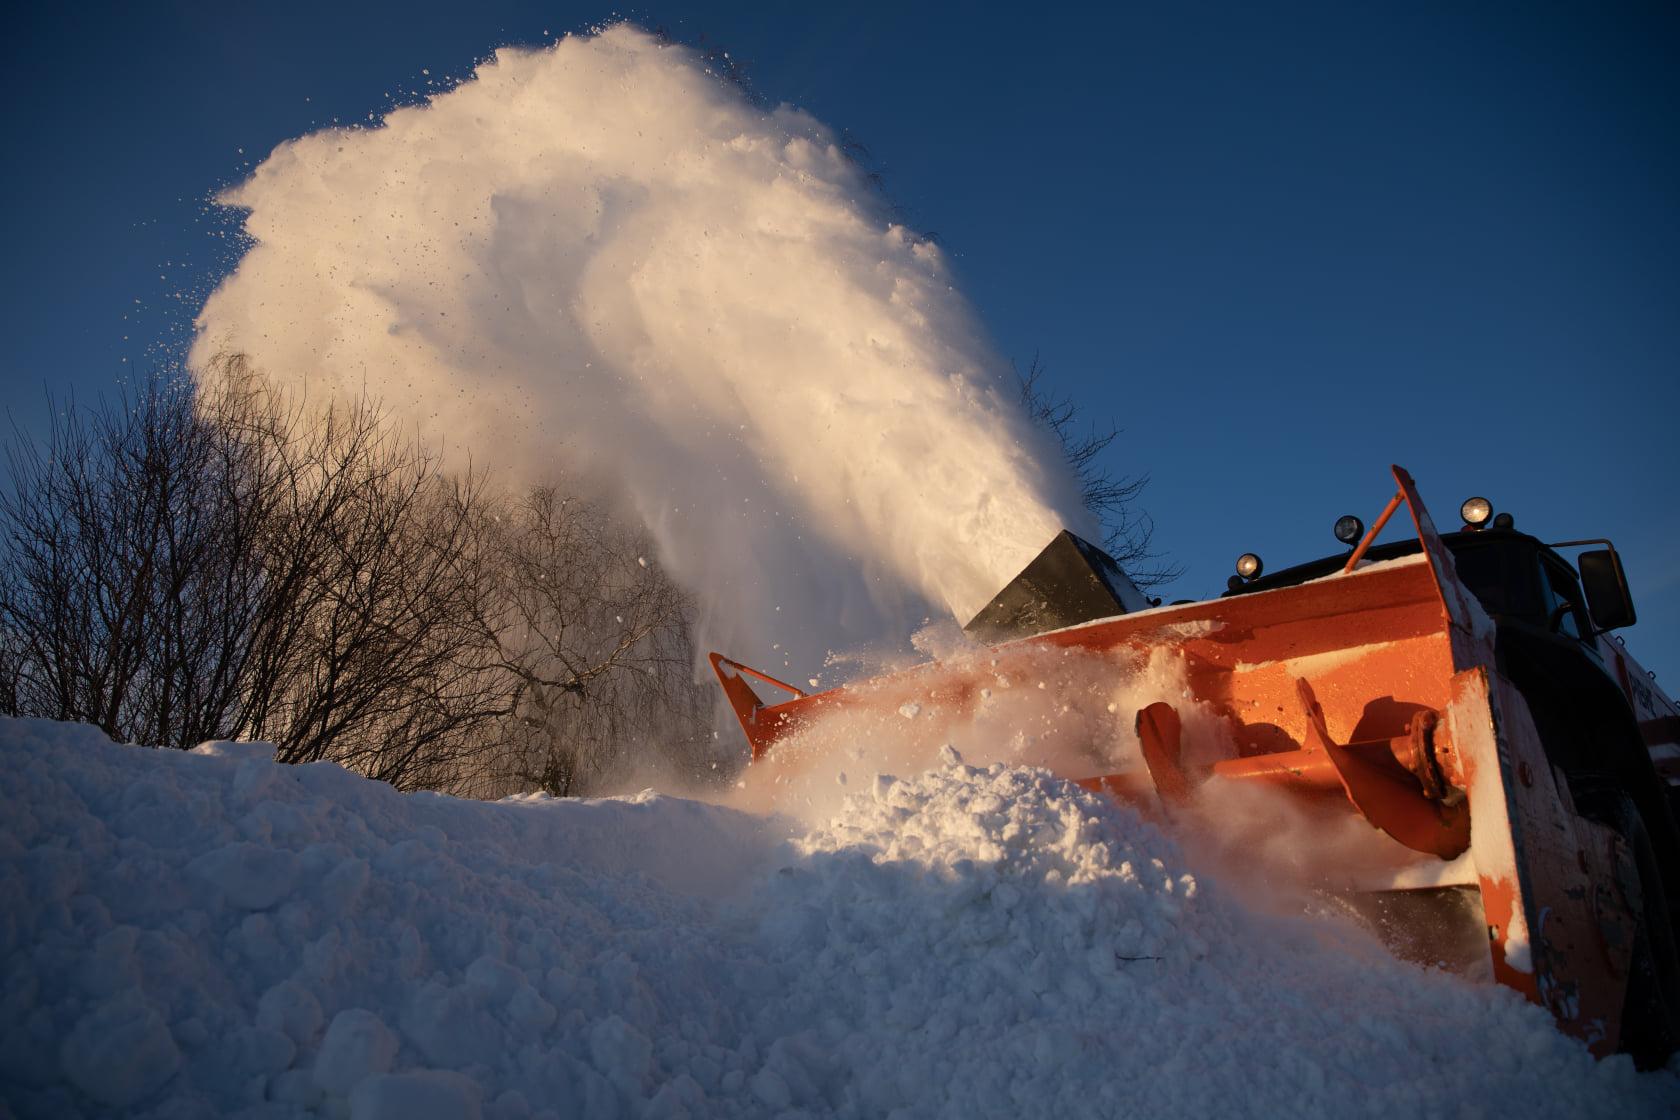 В Україні випало до 5 см снігу: проїзд на автодорогах державного значення забезпечено - сніг, Очистка, дороги - 151113808 3250046081761953 7716409965650320395 o